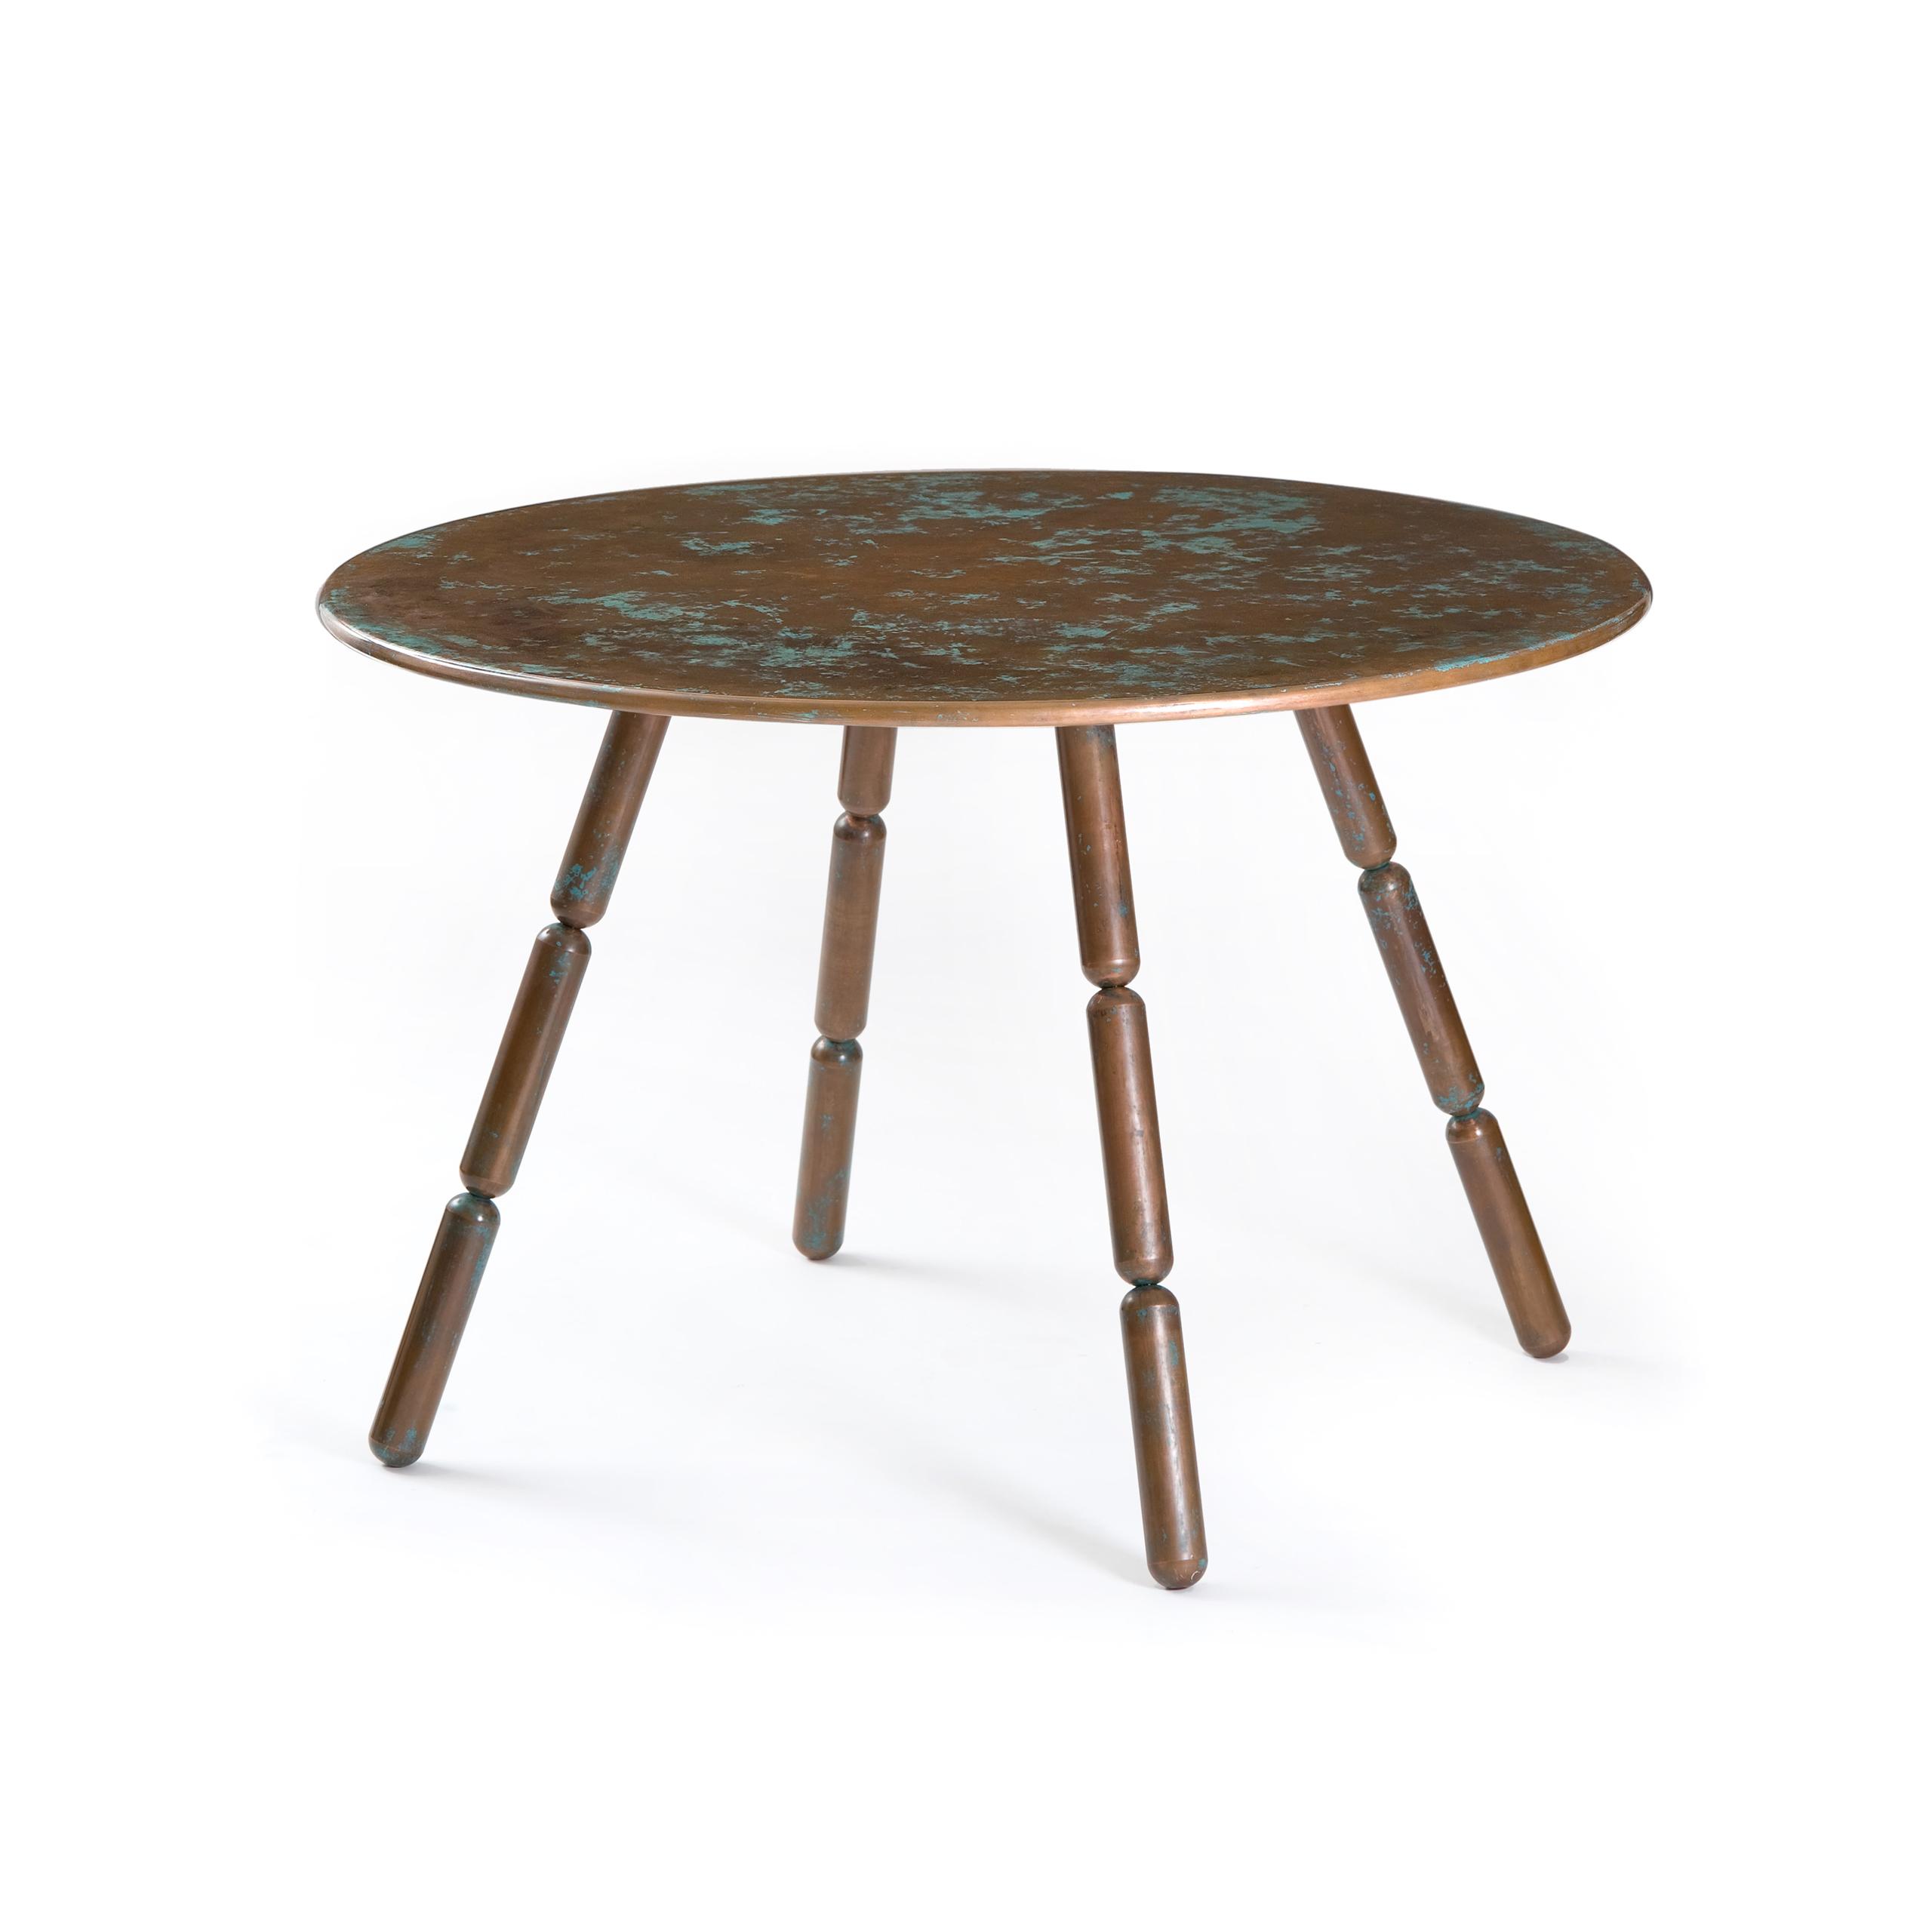 Verdigris Table